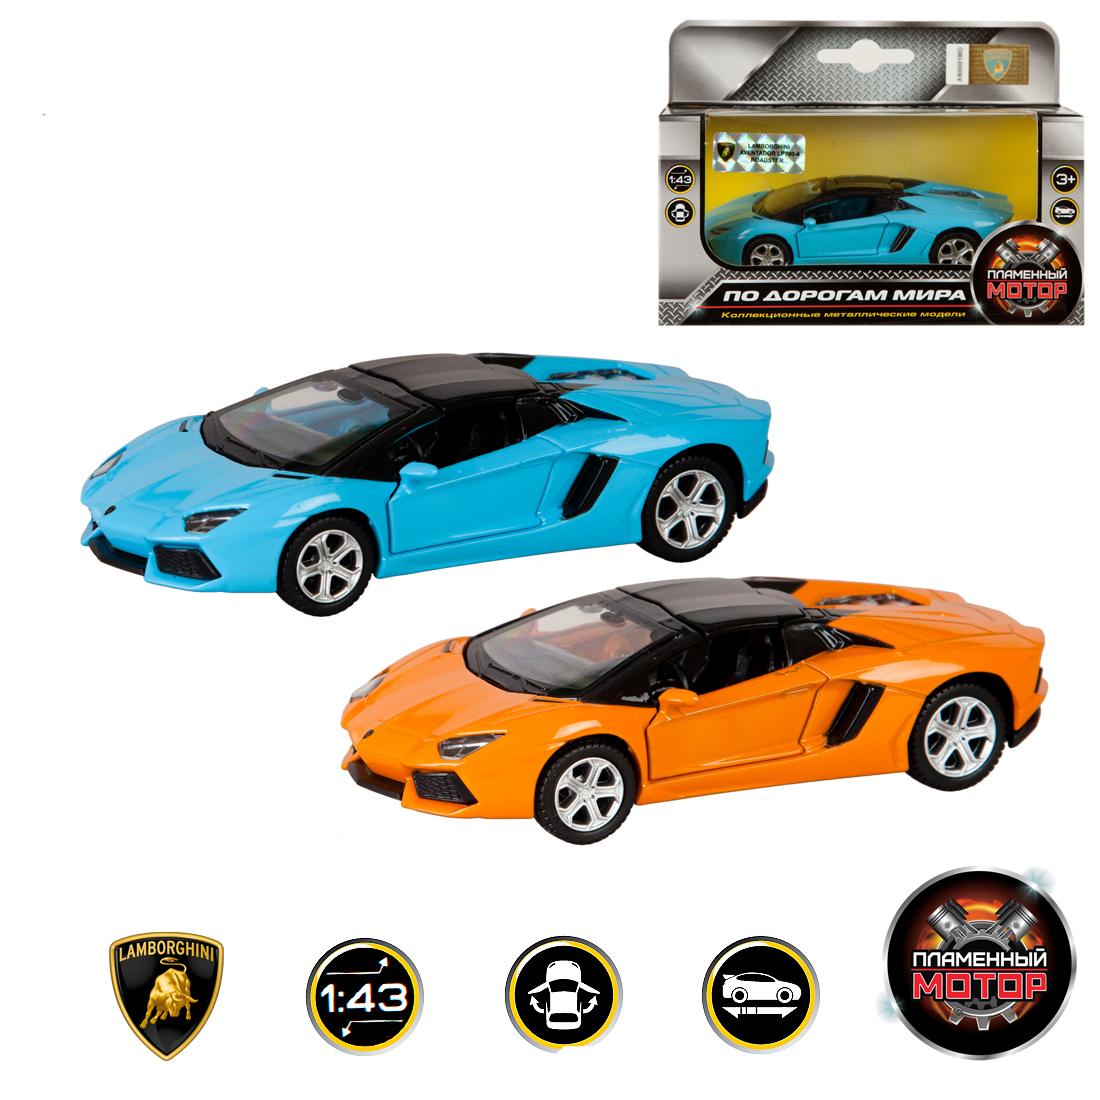 Машинки и мотоциклы Пламенный мотор Модель машины Пламенный мотор «Lamborghini Gallardo LP 560» 1:43 в асс. цена